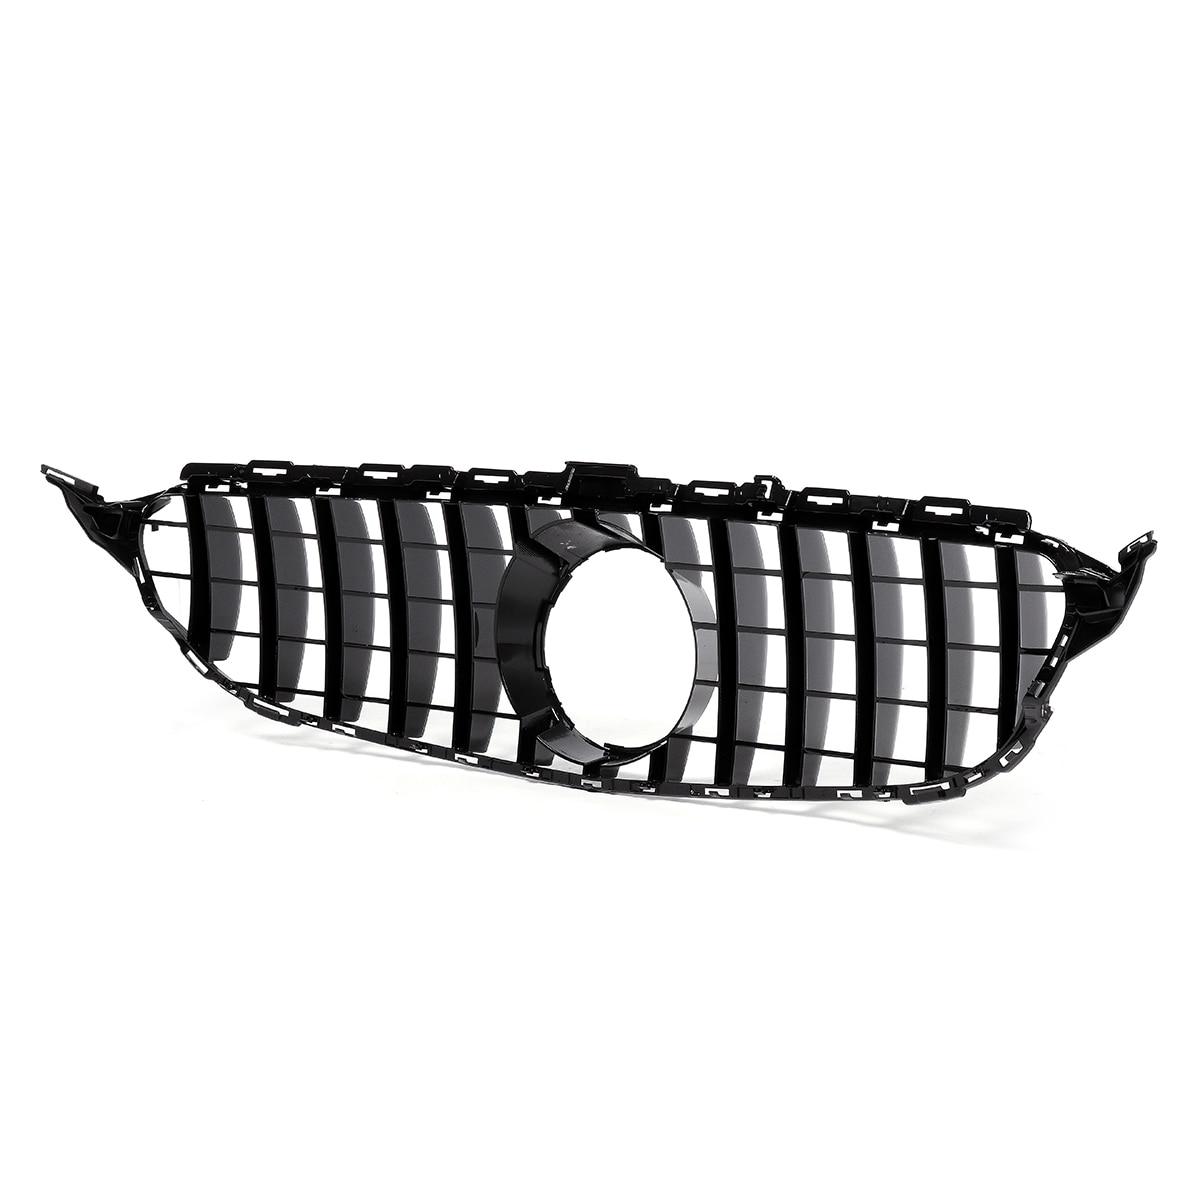 Grille avant de voiture grilles maille de pare-chocs avant de voiture pour W205 pour AMG Look C200 C250 C300 C350 2015-2018